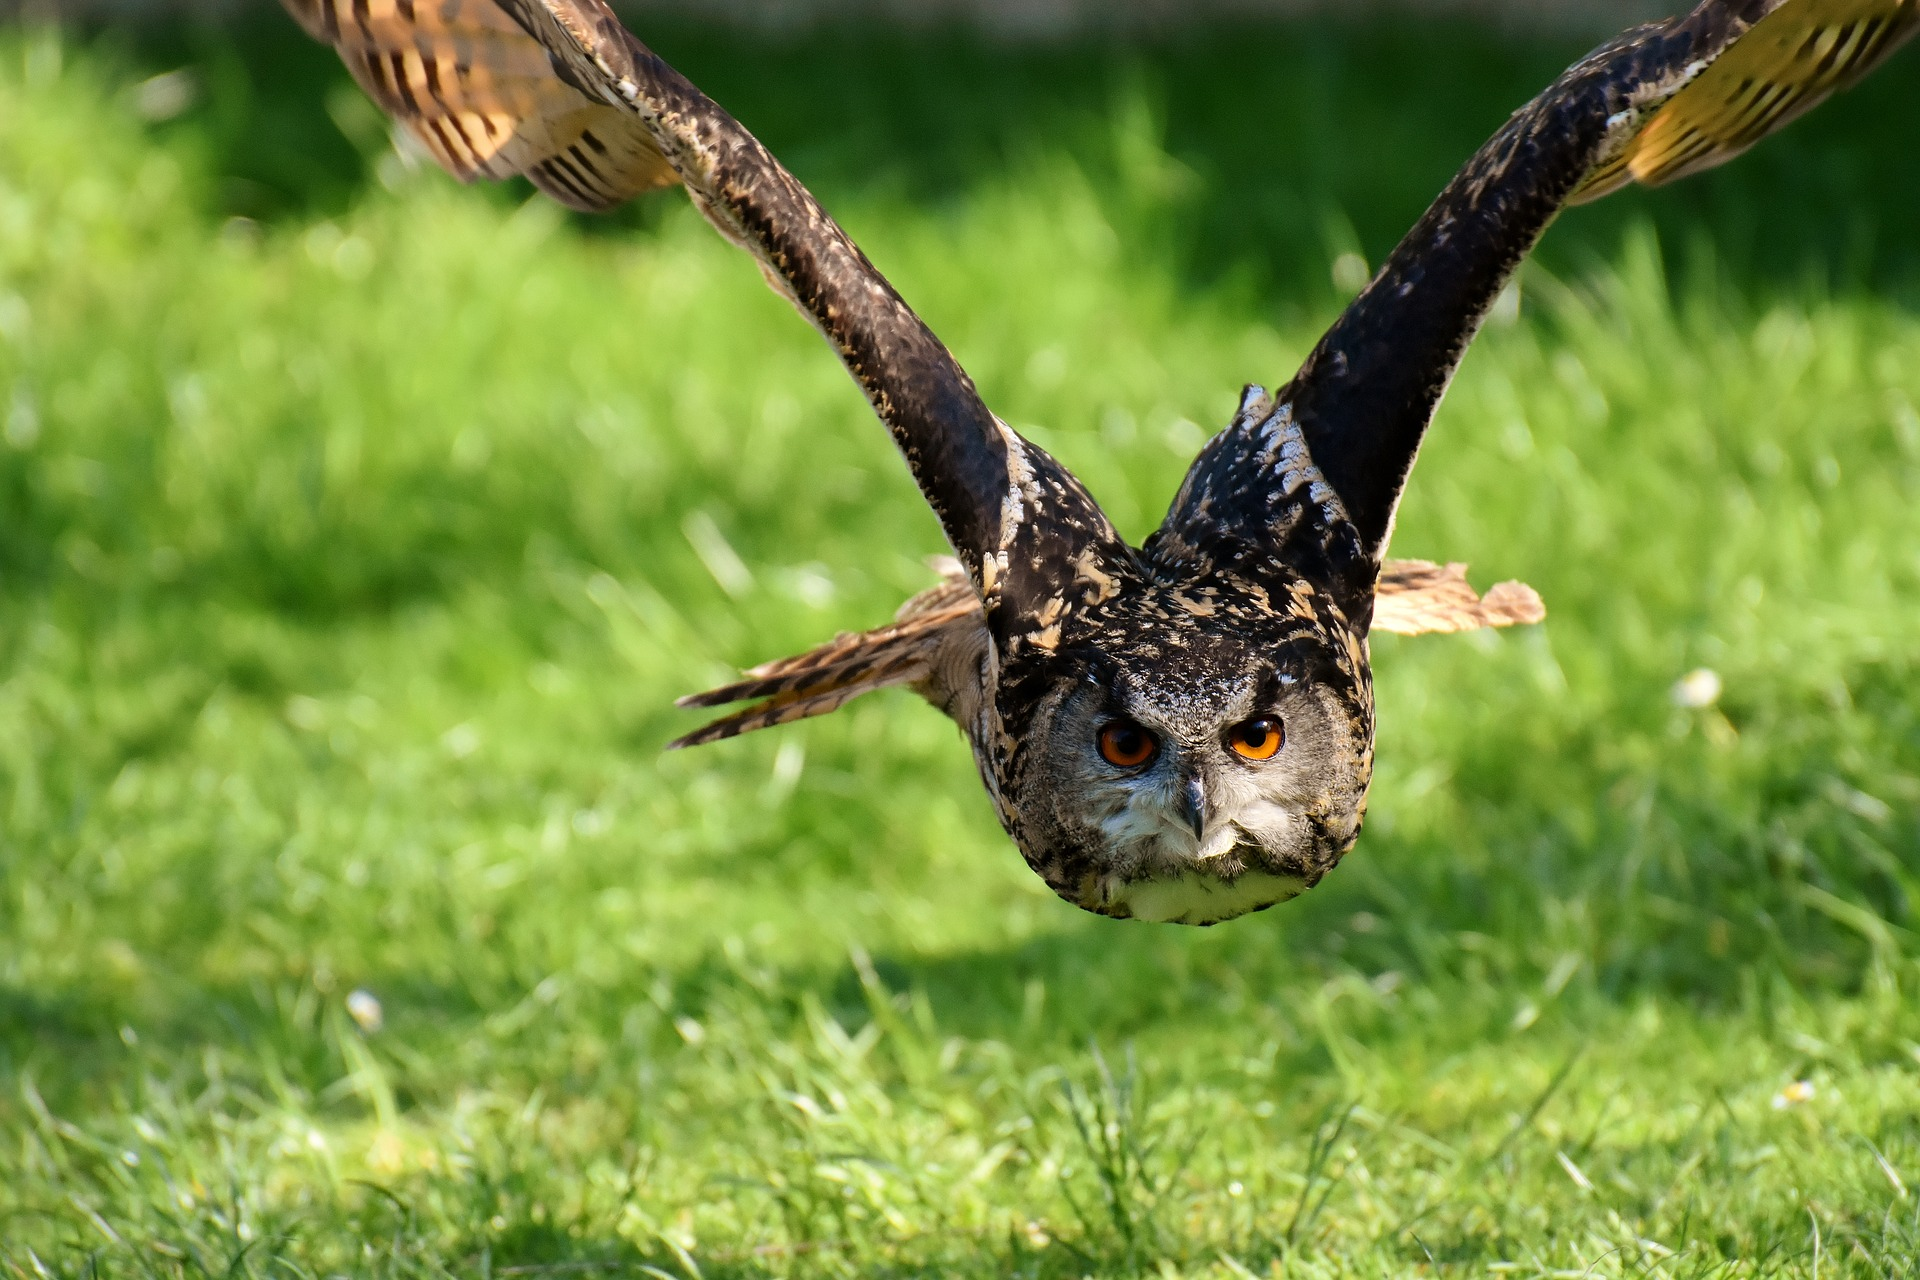 Dzień Praw Zwierząt, który obchodzą ekolodzy, nawiązuje do uchwalenia przez Sejm ustawy o ochronie zwierząt. Stało się to 22 maja 1997 r. (fot. pixabay.com)